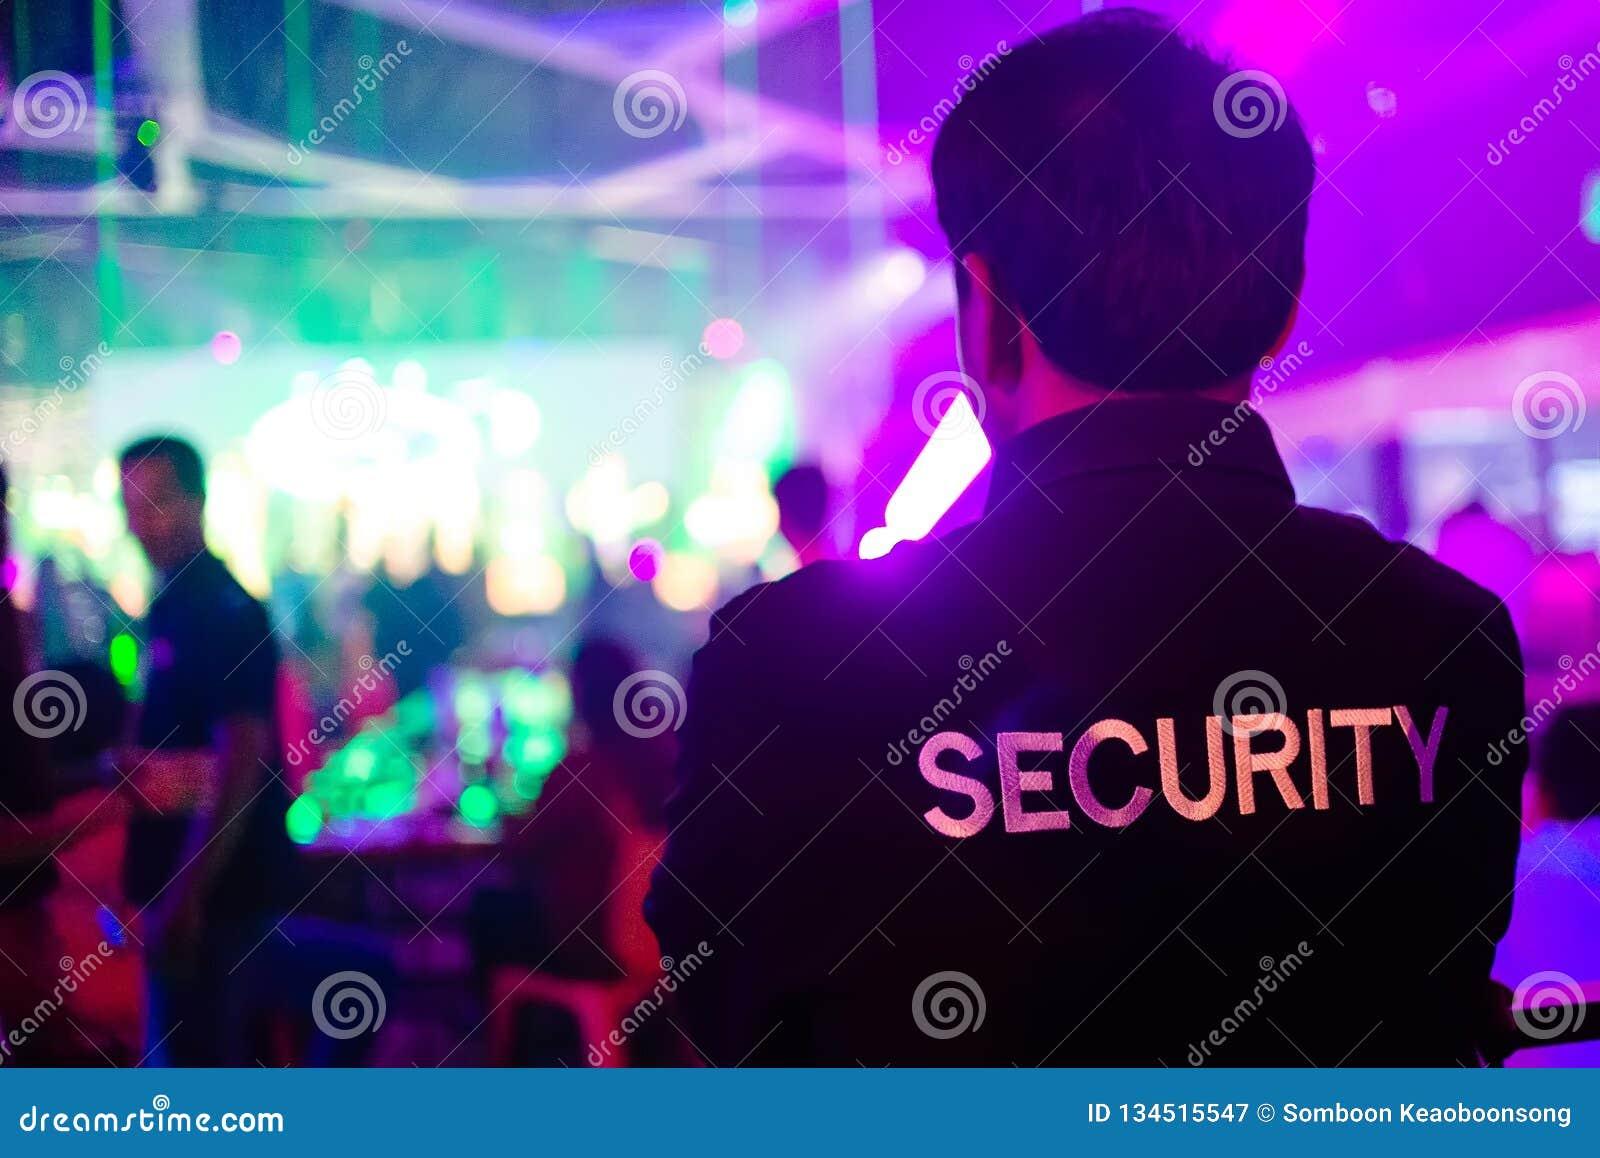 Agente de segurança no clube noturno